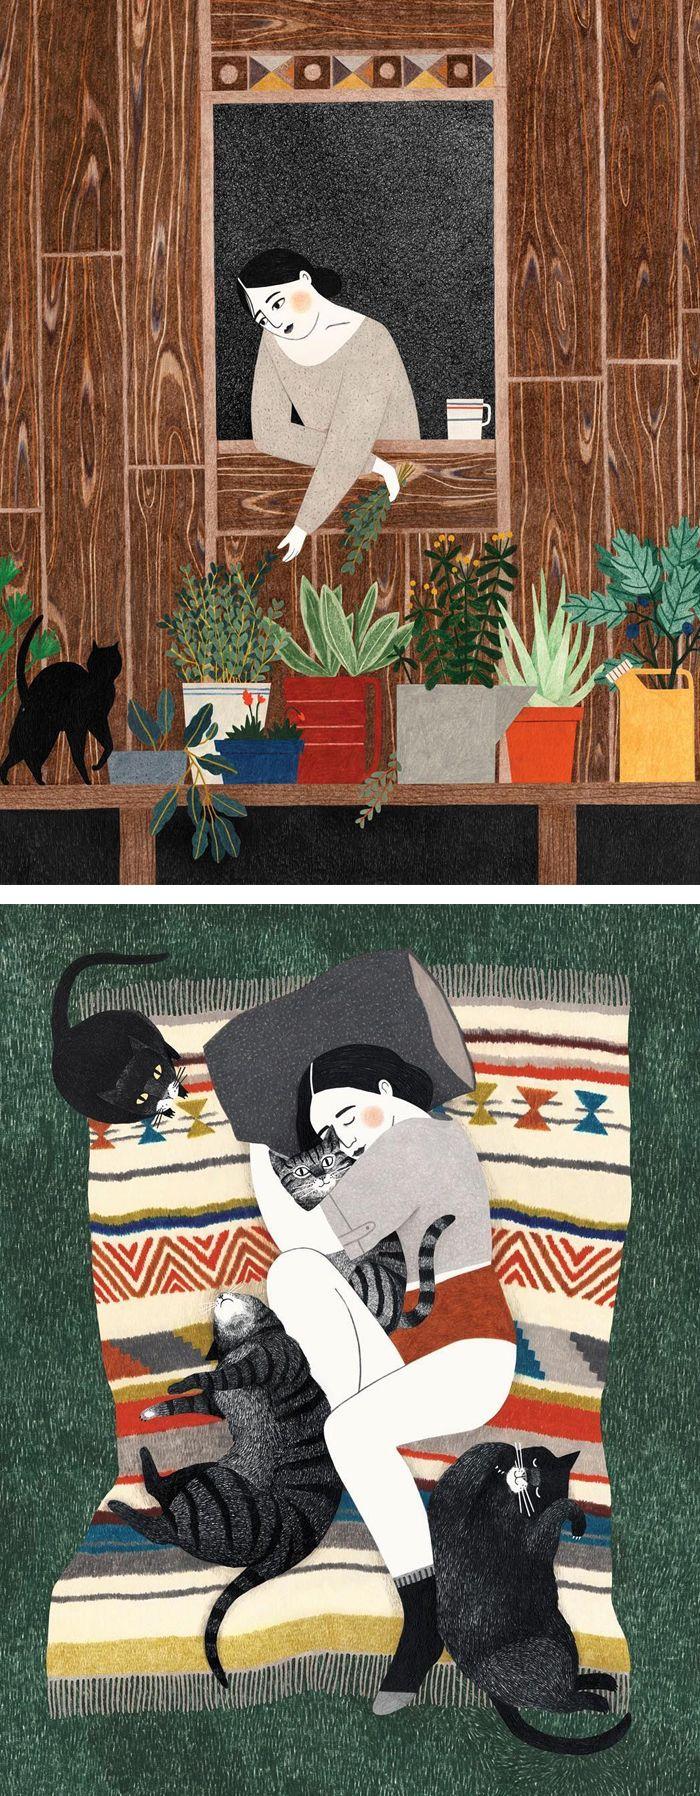 Illustration works by Lieke van der Vorst #illustration #coloredpencildrawing #coloredpencils #illustrationart